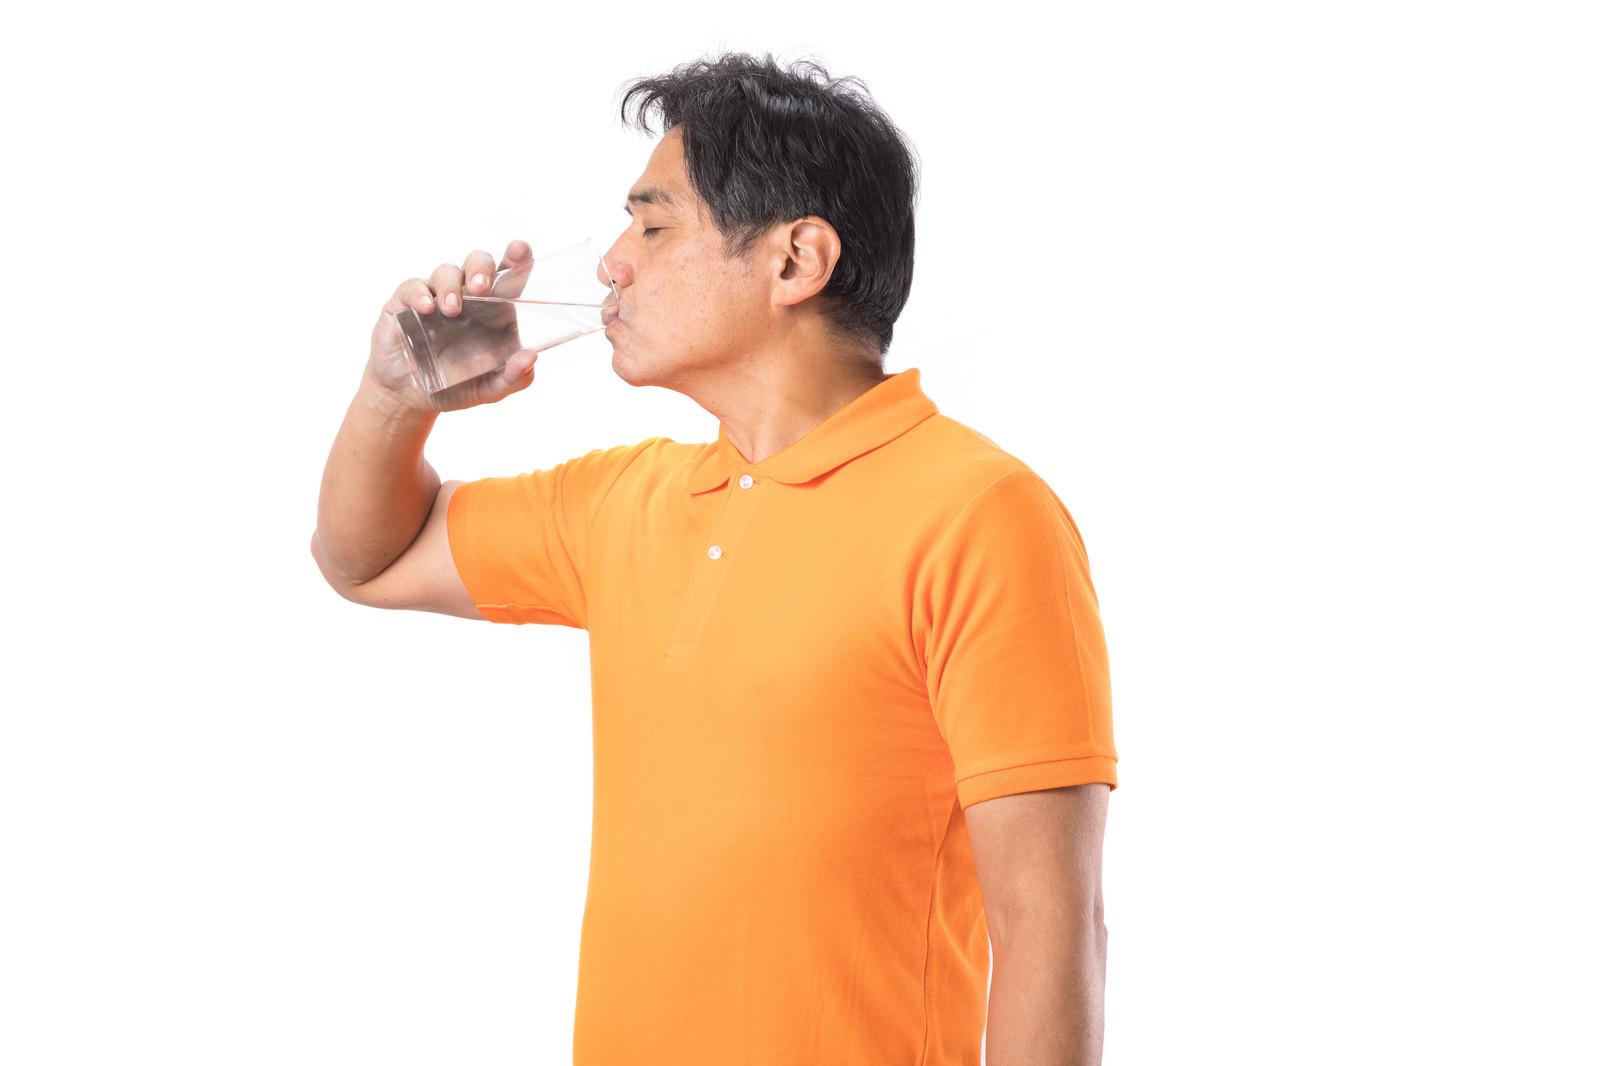 水分補給をする男性